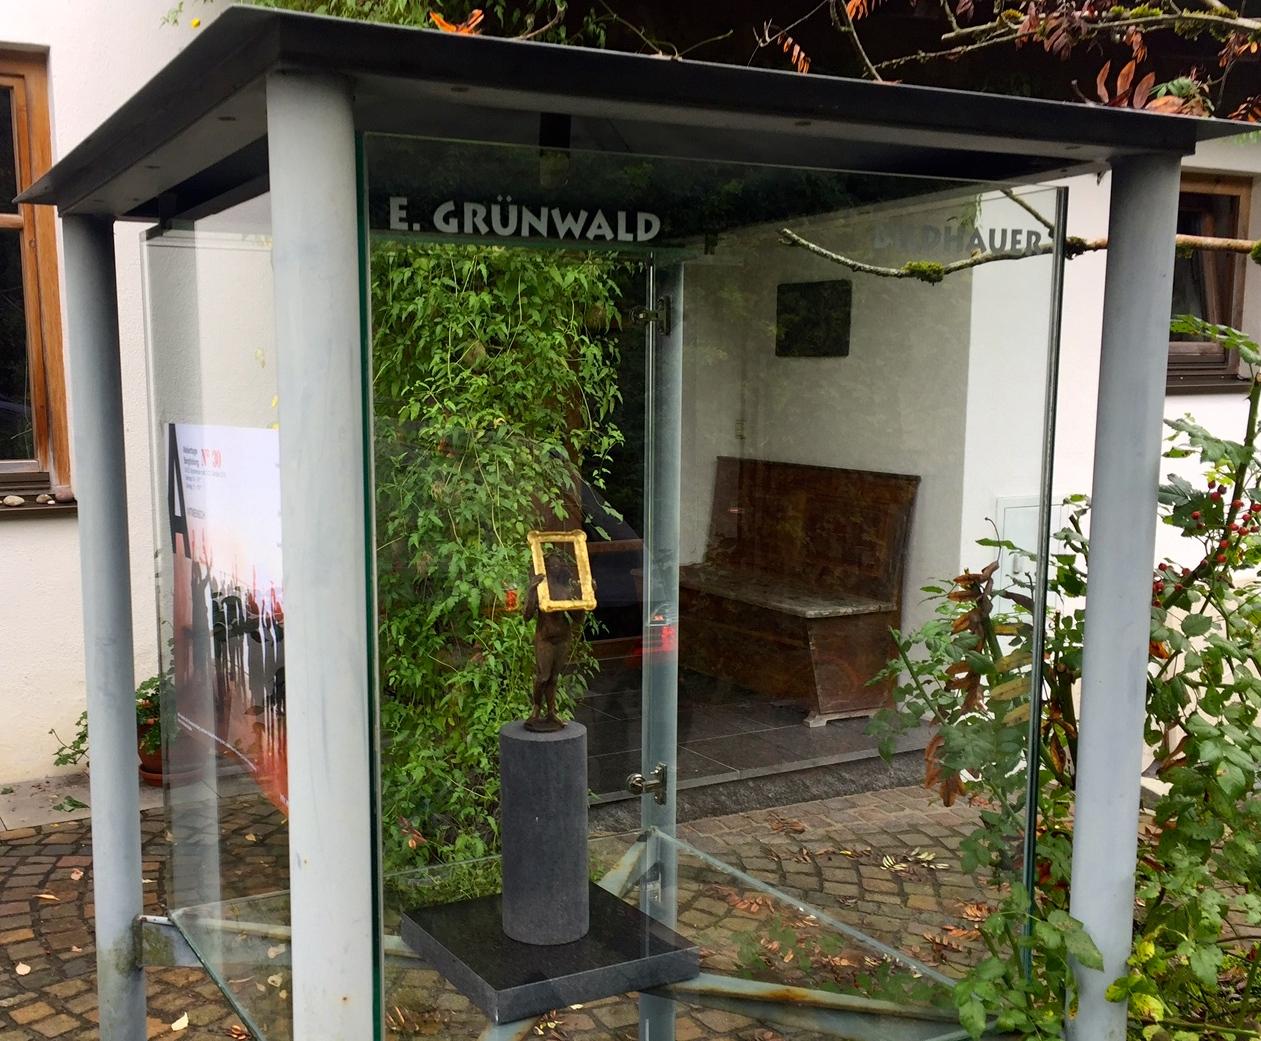 Ateliertage Grünwald